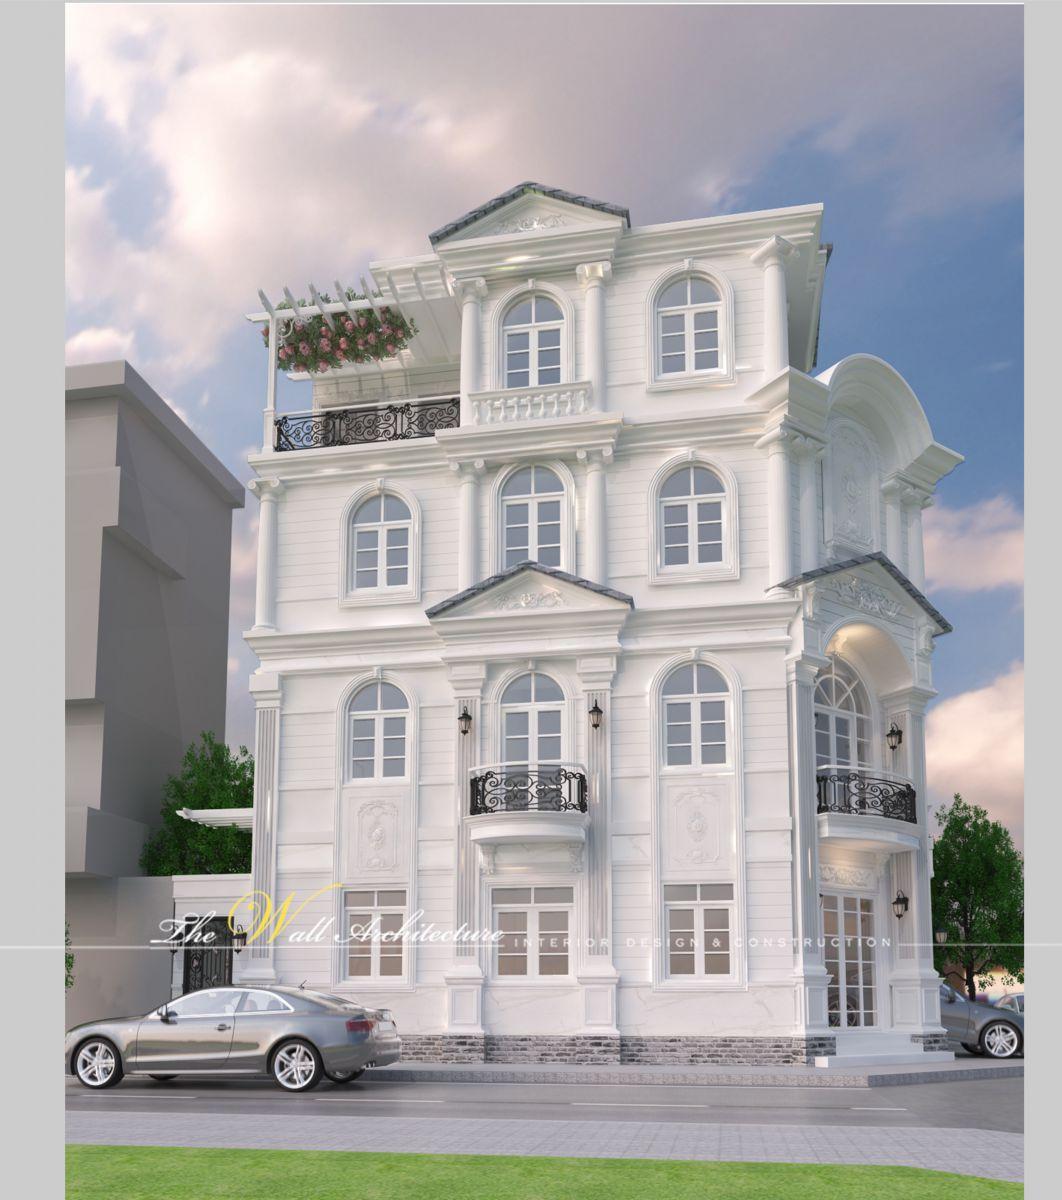 Thiết kế thi công nội ngoại thất tân cổ điển - cổ điển